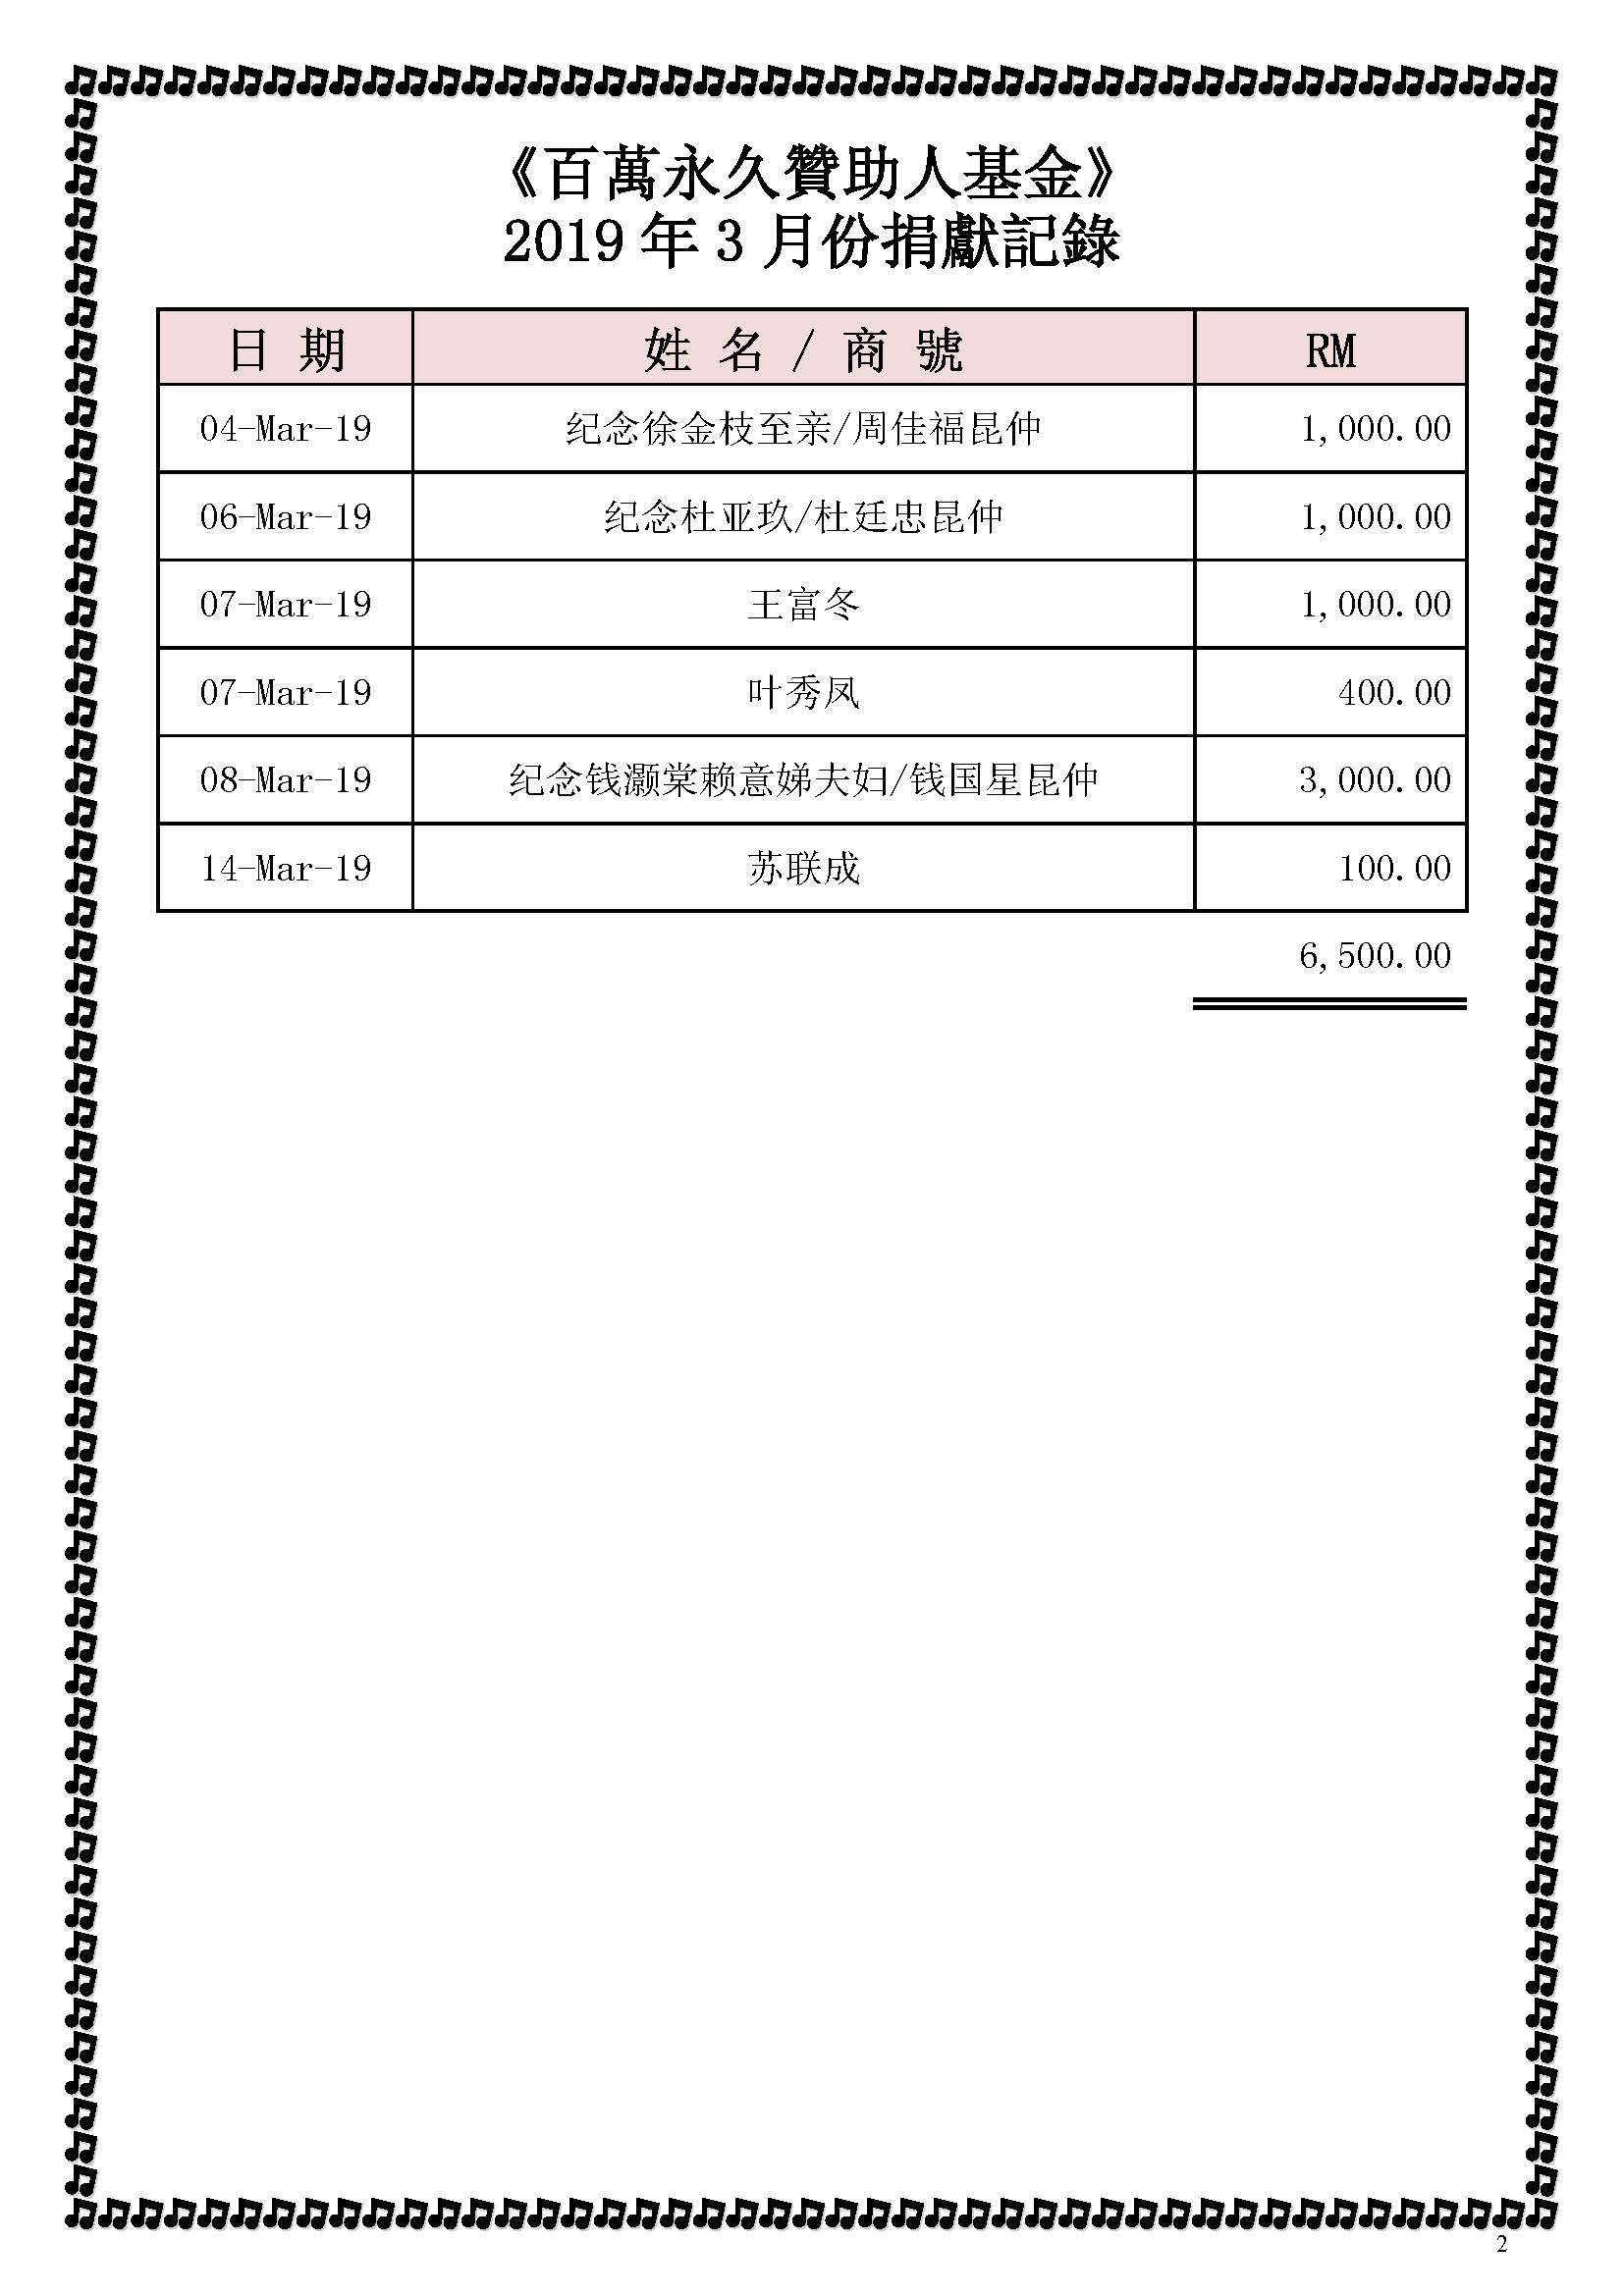 2019年3月份捐獻記錄_修改后_Page_2